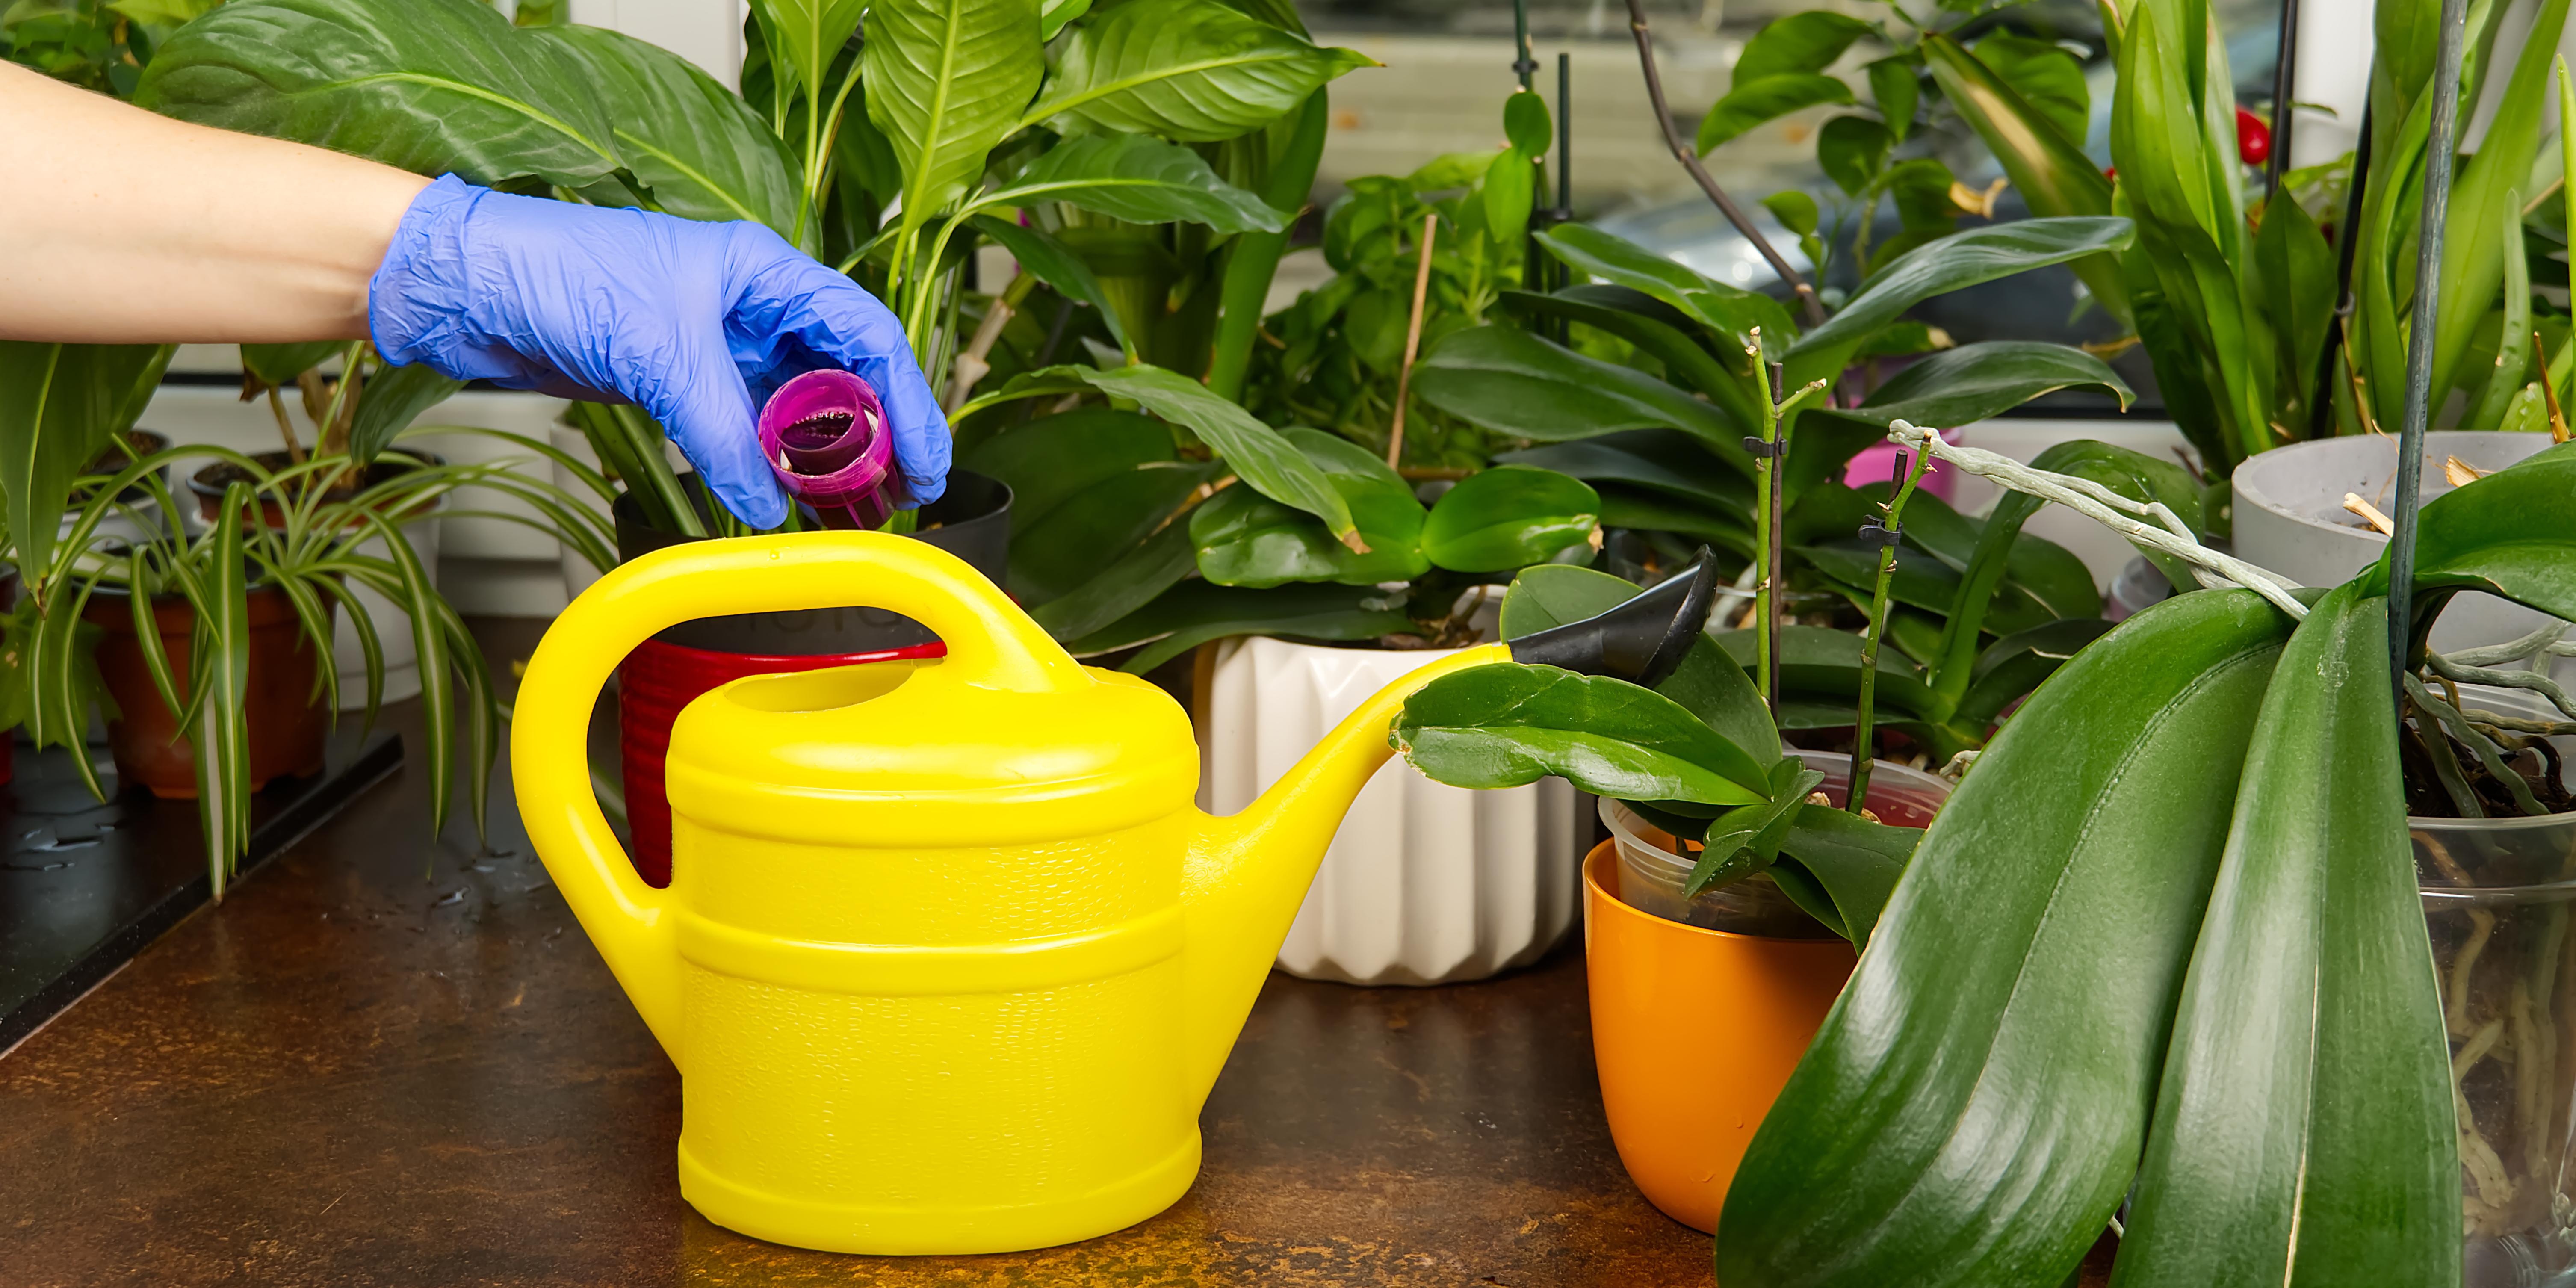 Rega das orquídeas é um dos principais cuidados com as plantas.